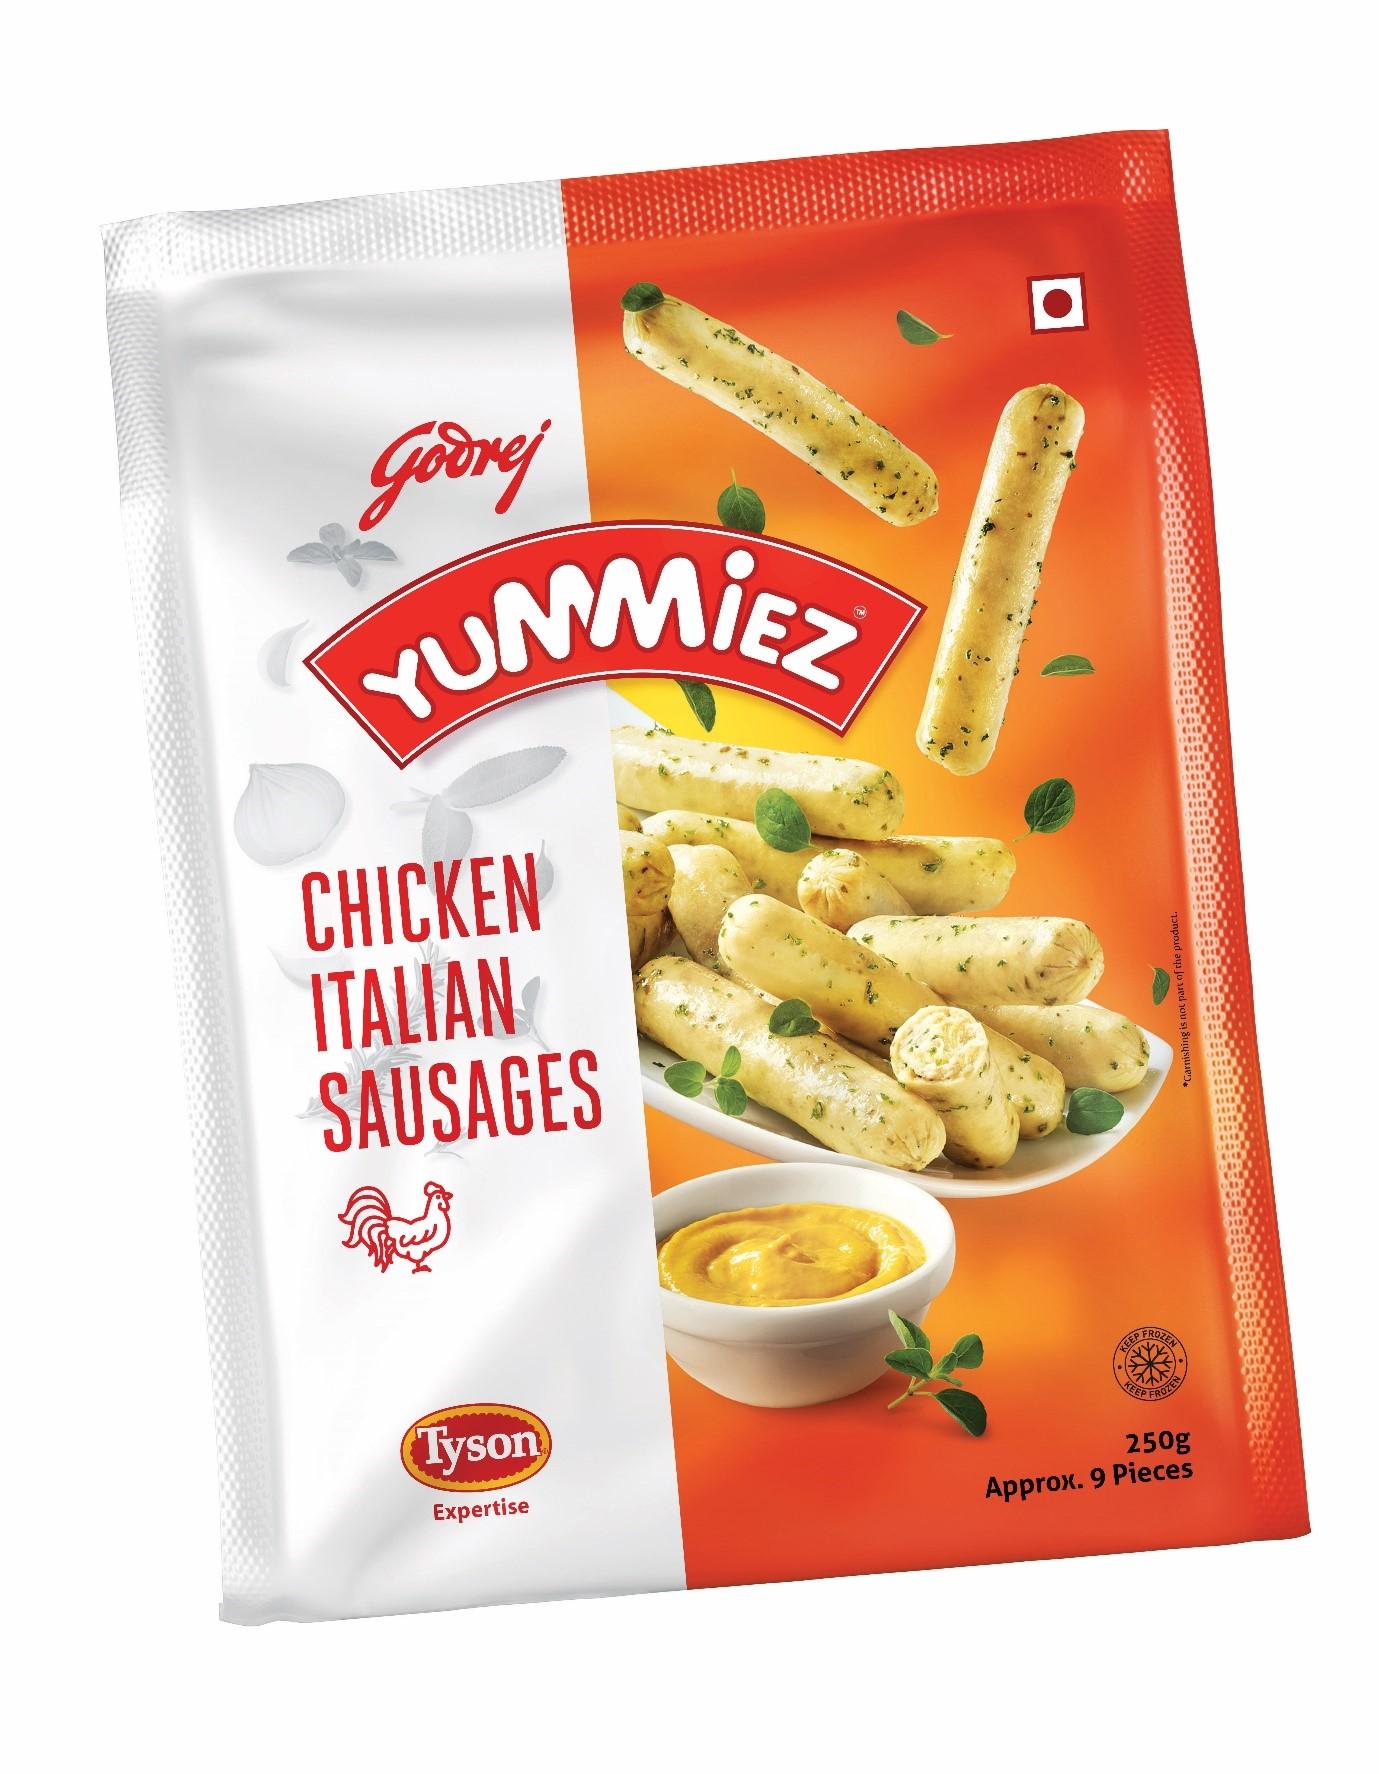 Yummiez Chicken Italian Sausages 250 g